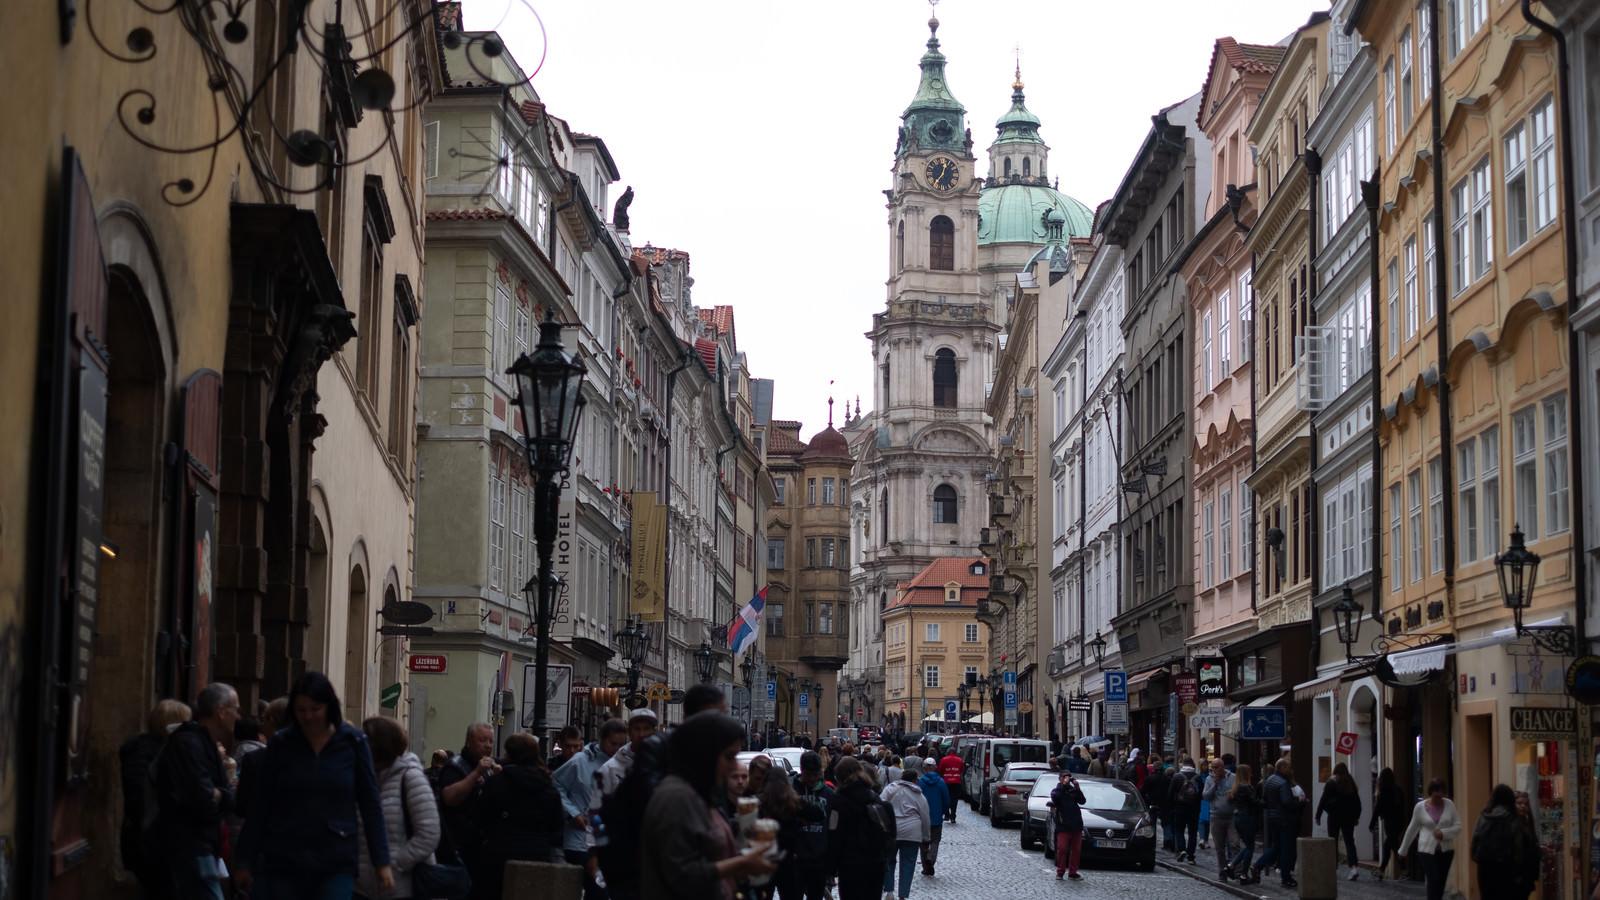 「マラーストラナの通り(プラハ)」の写真